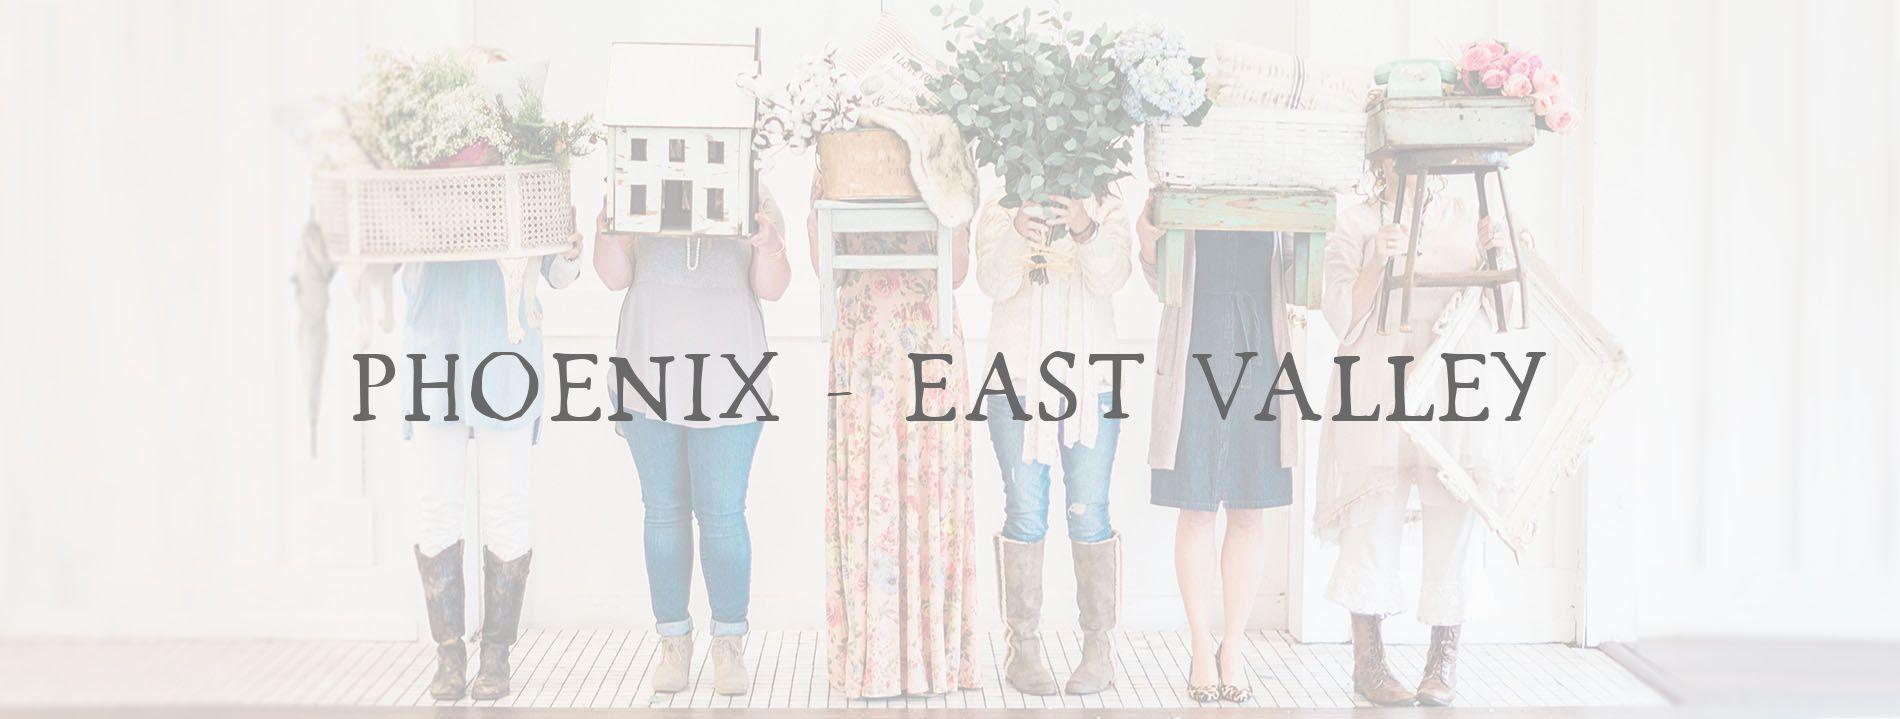 Phoenix - East Valley